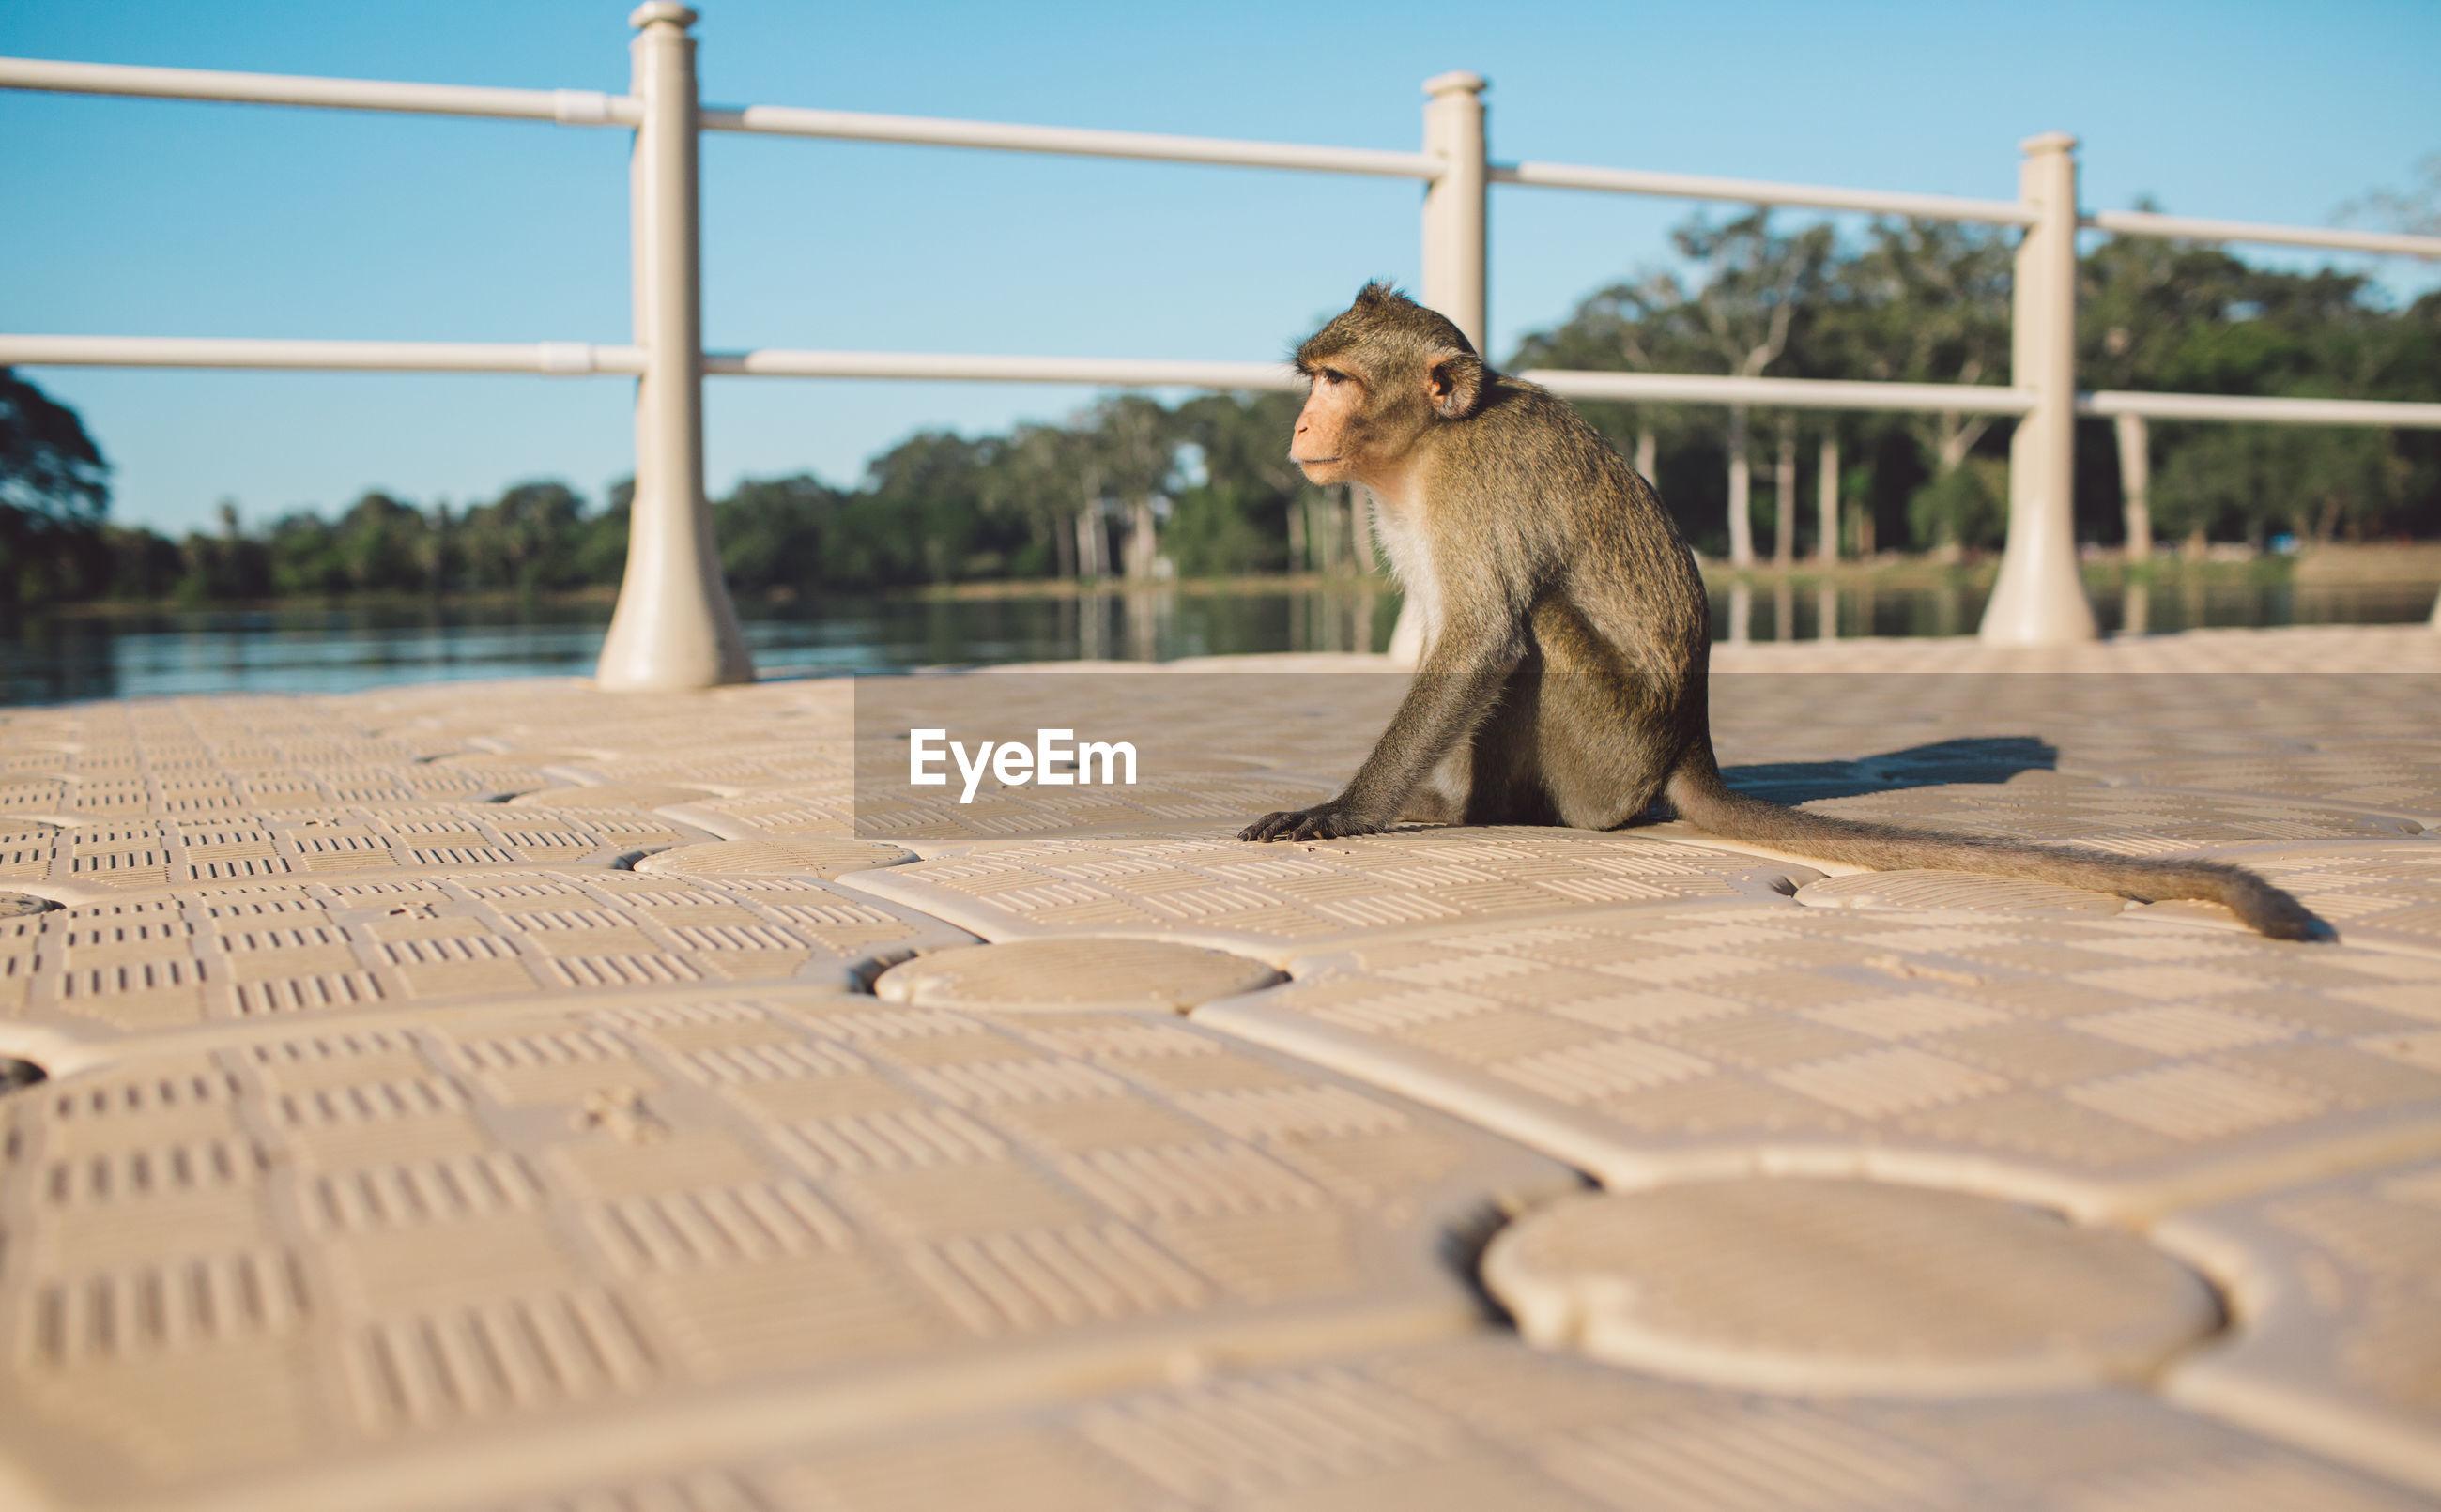 Monkey sitting on footpath against sky